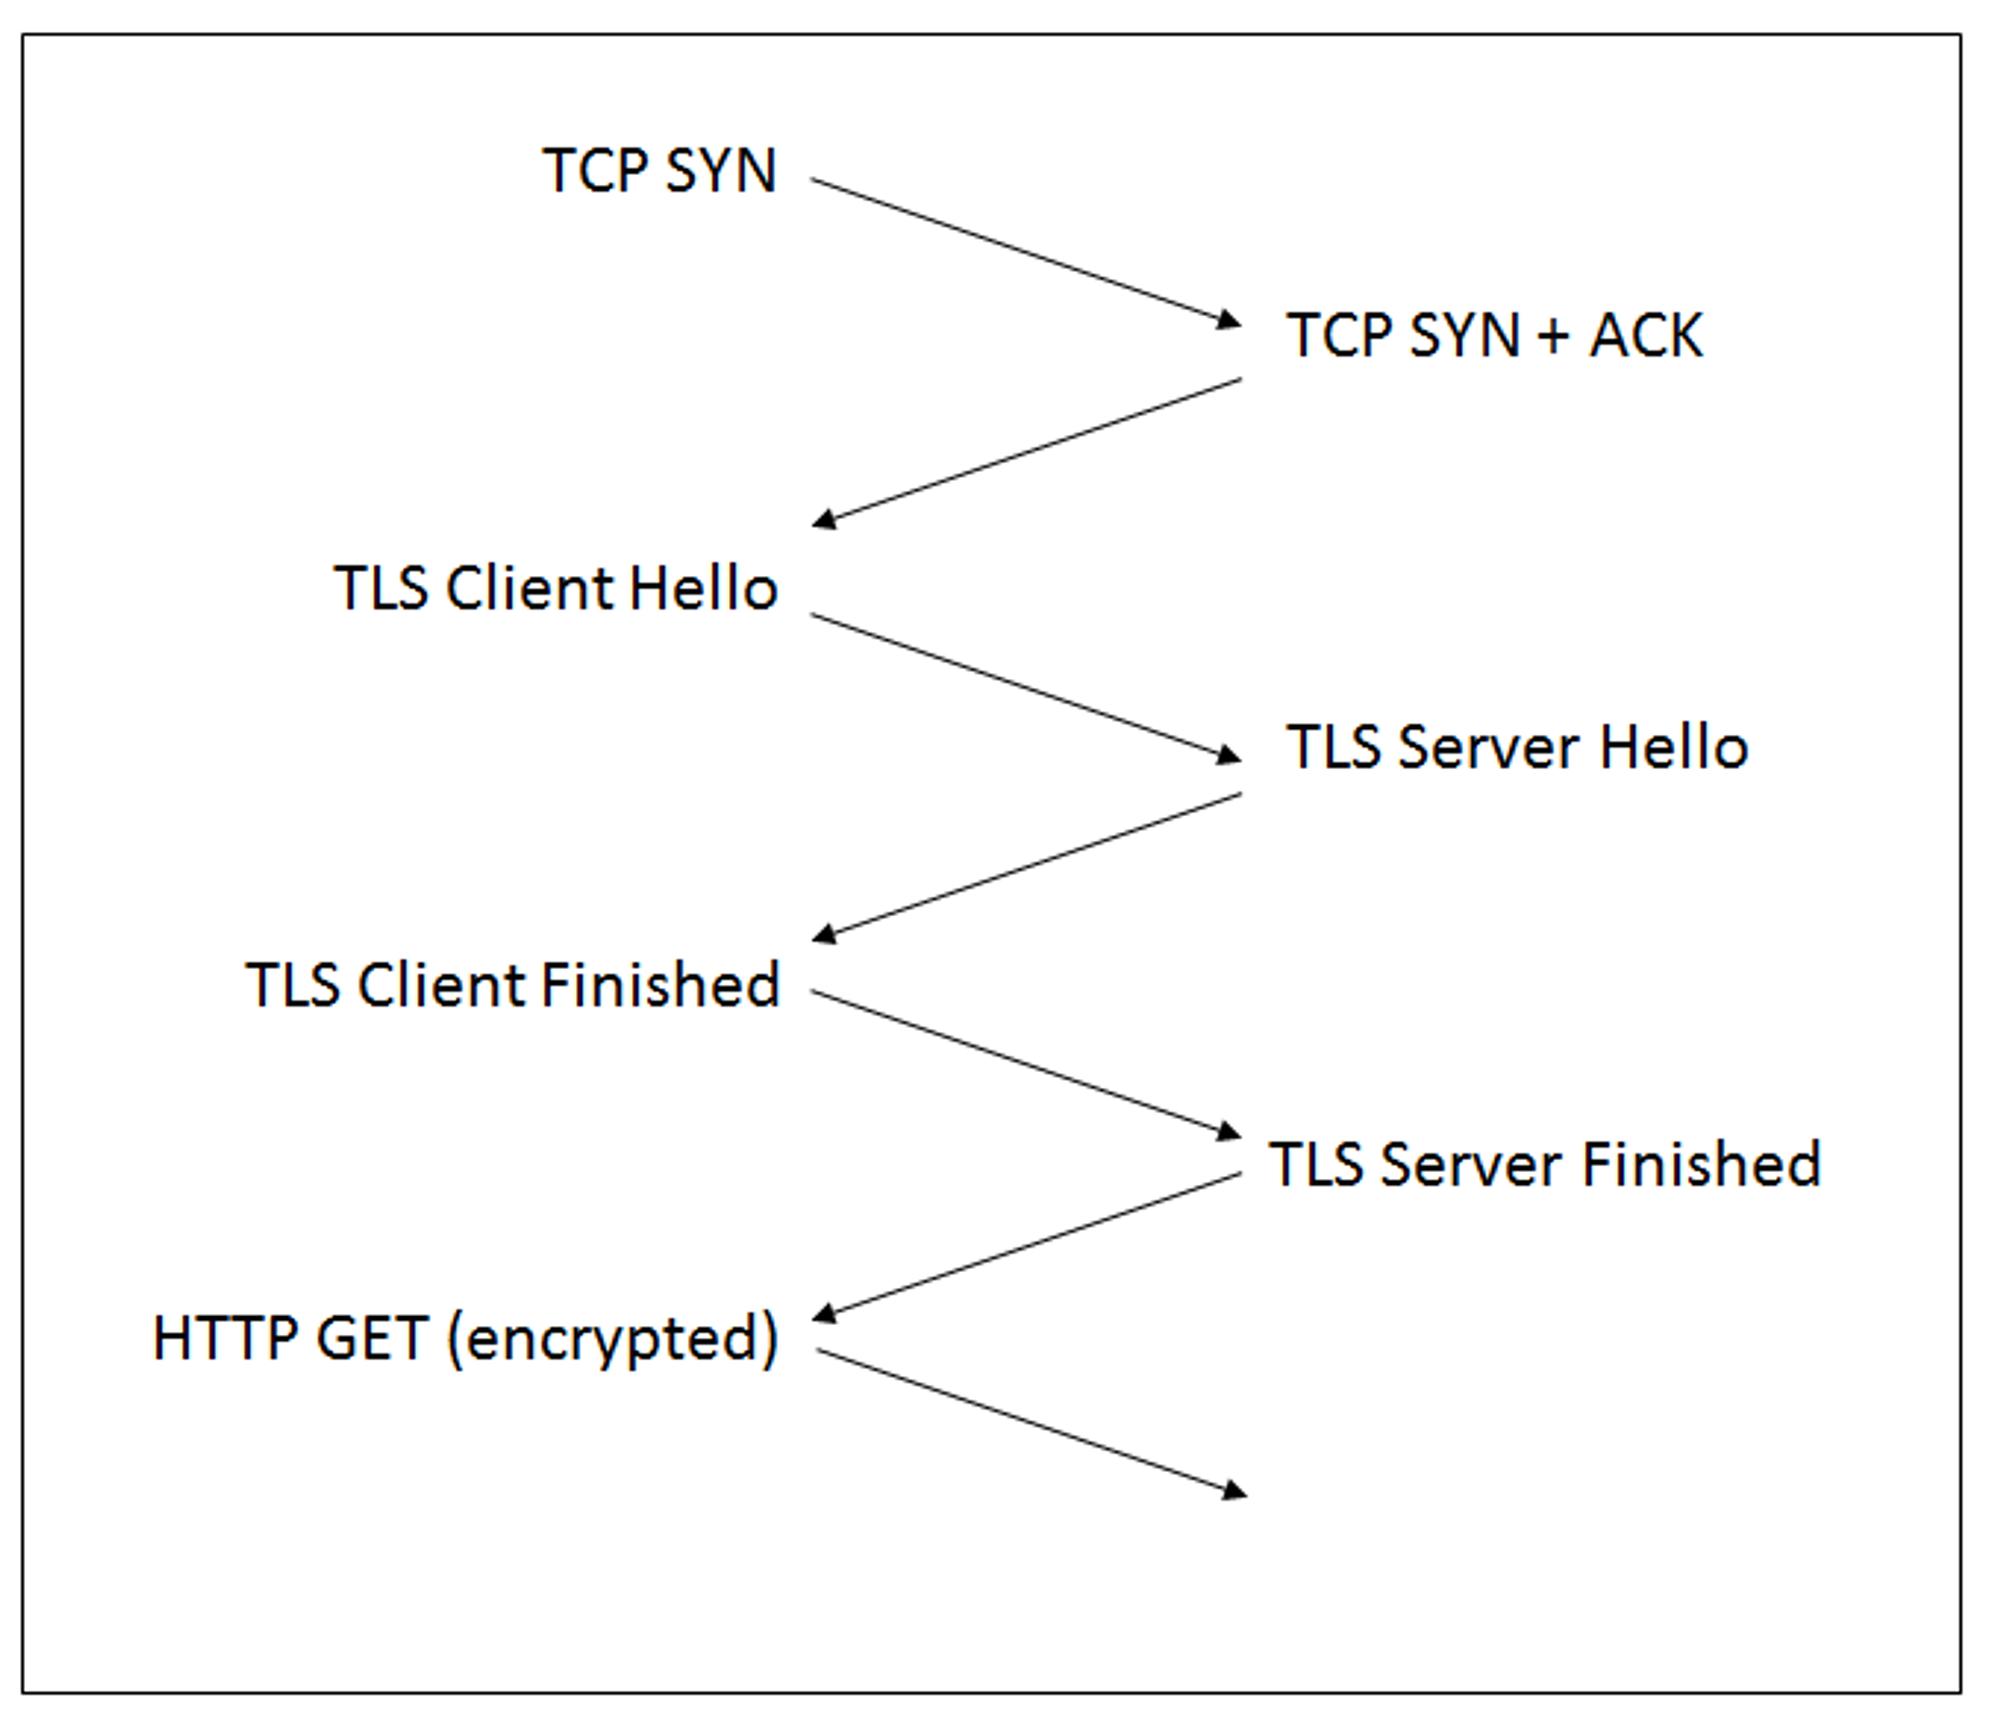 Dagens handshake ved opprettelse av HTTPS-forbindelser.